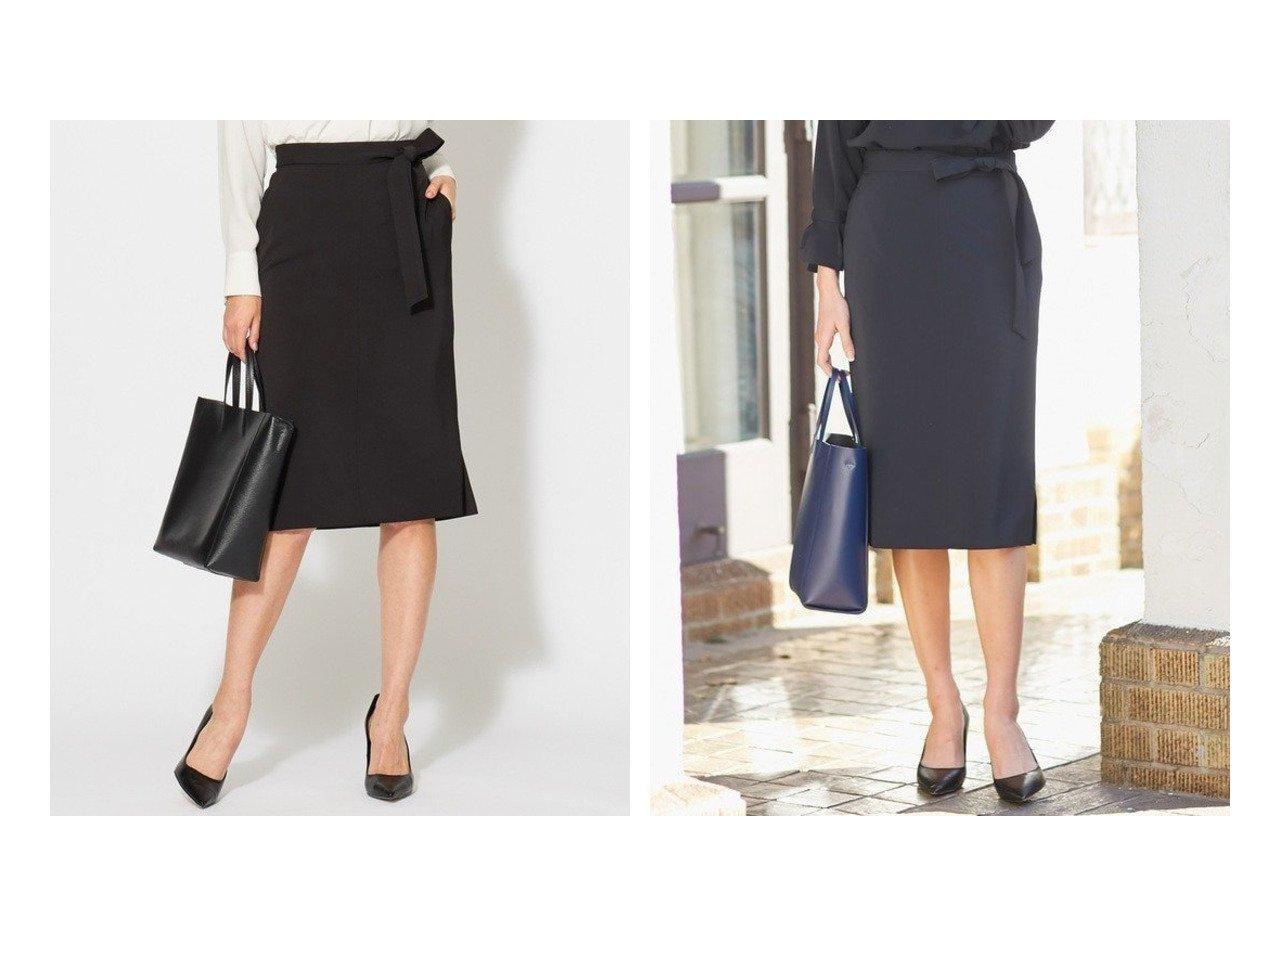 【iCB/アイシービー】の【洗えるセットアップ】Fied サイドスリットスカート スカートのおすすめ!人気、トレンド・レディースファッションの通販  おすすめで人気の流行・トレンド、ファッションの通販商品 メンズファッション・キッズファッション・インテリア・家具・レディースファッション・服の通販 founy(ファニー) https://founy.com/ ファッション Fashion レディースファッション WOMEN セットアップ Setup スカート Skirt 春 洗える ジャケット スタイリッシュ ストレッチ スマート スリット スーツ セットアップ チェック 人気 ラップ ワイド ワーク 送料無料 Free Shipping |ID:crp329100000009761